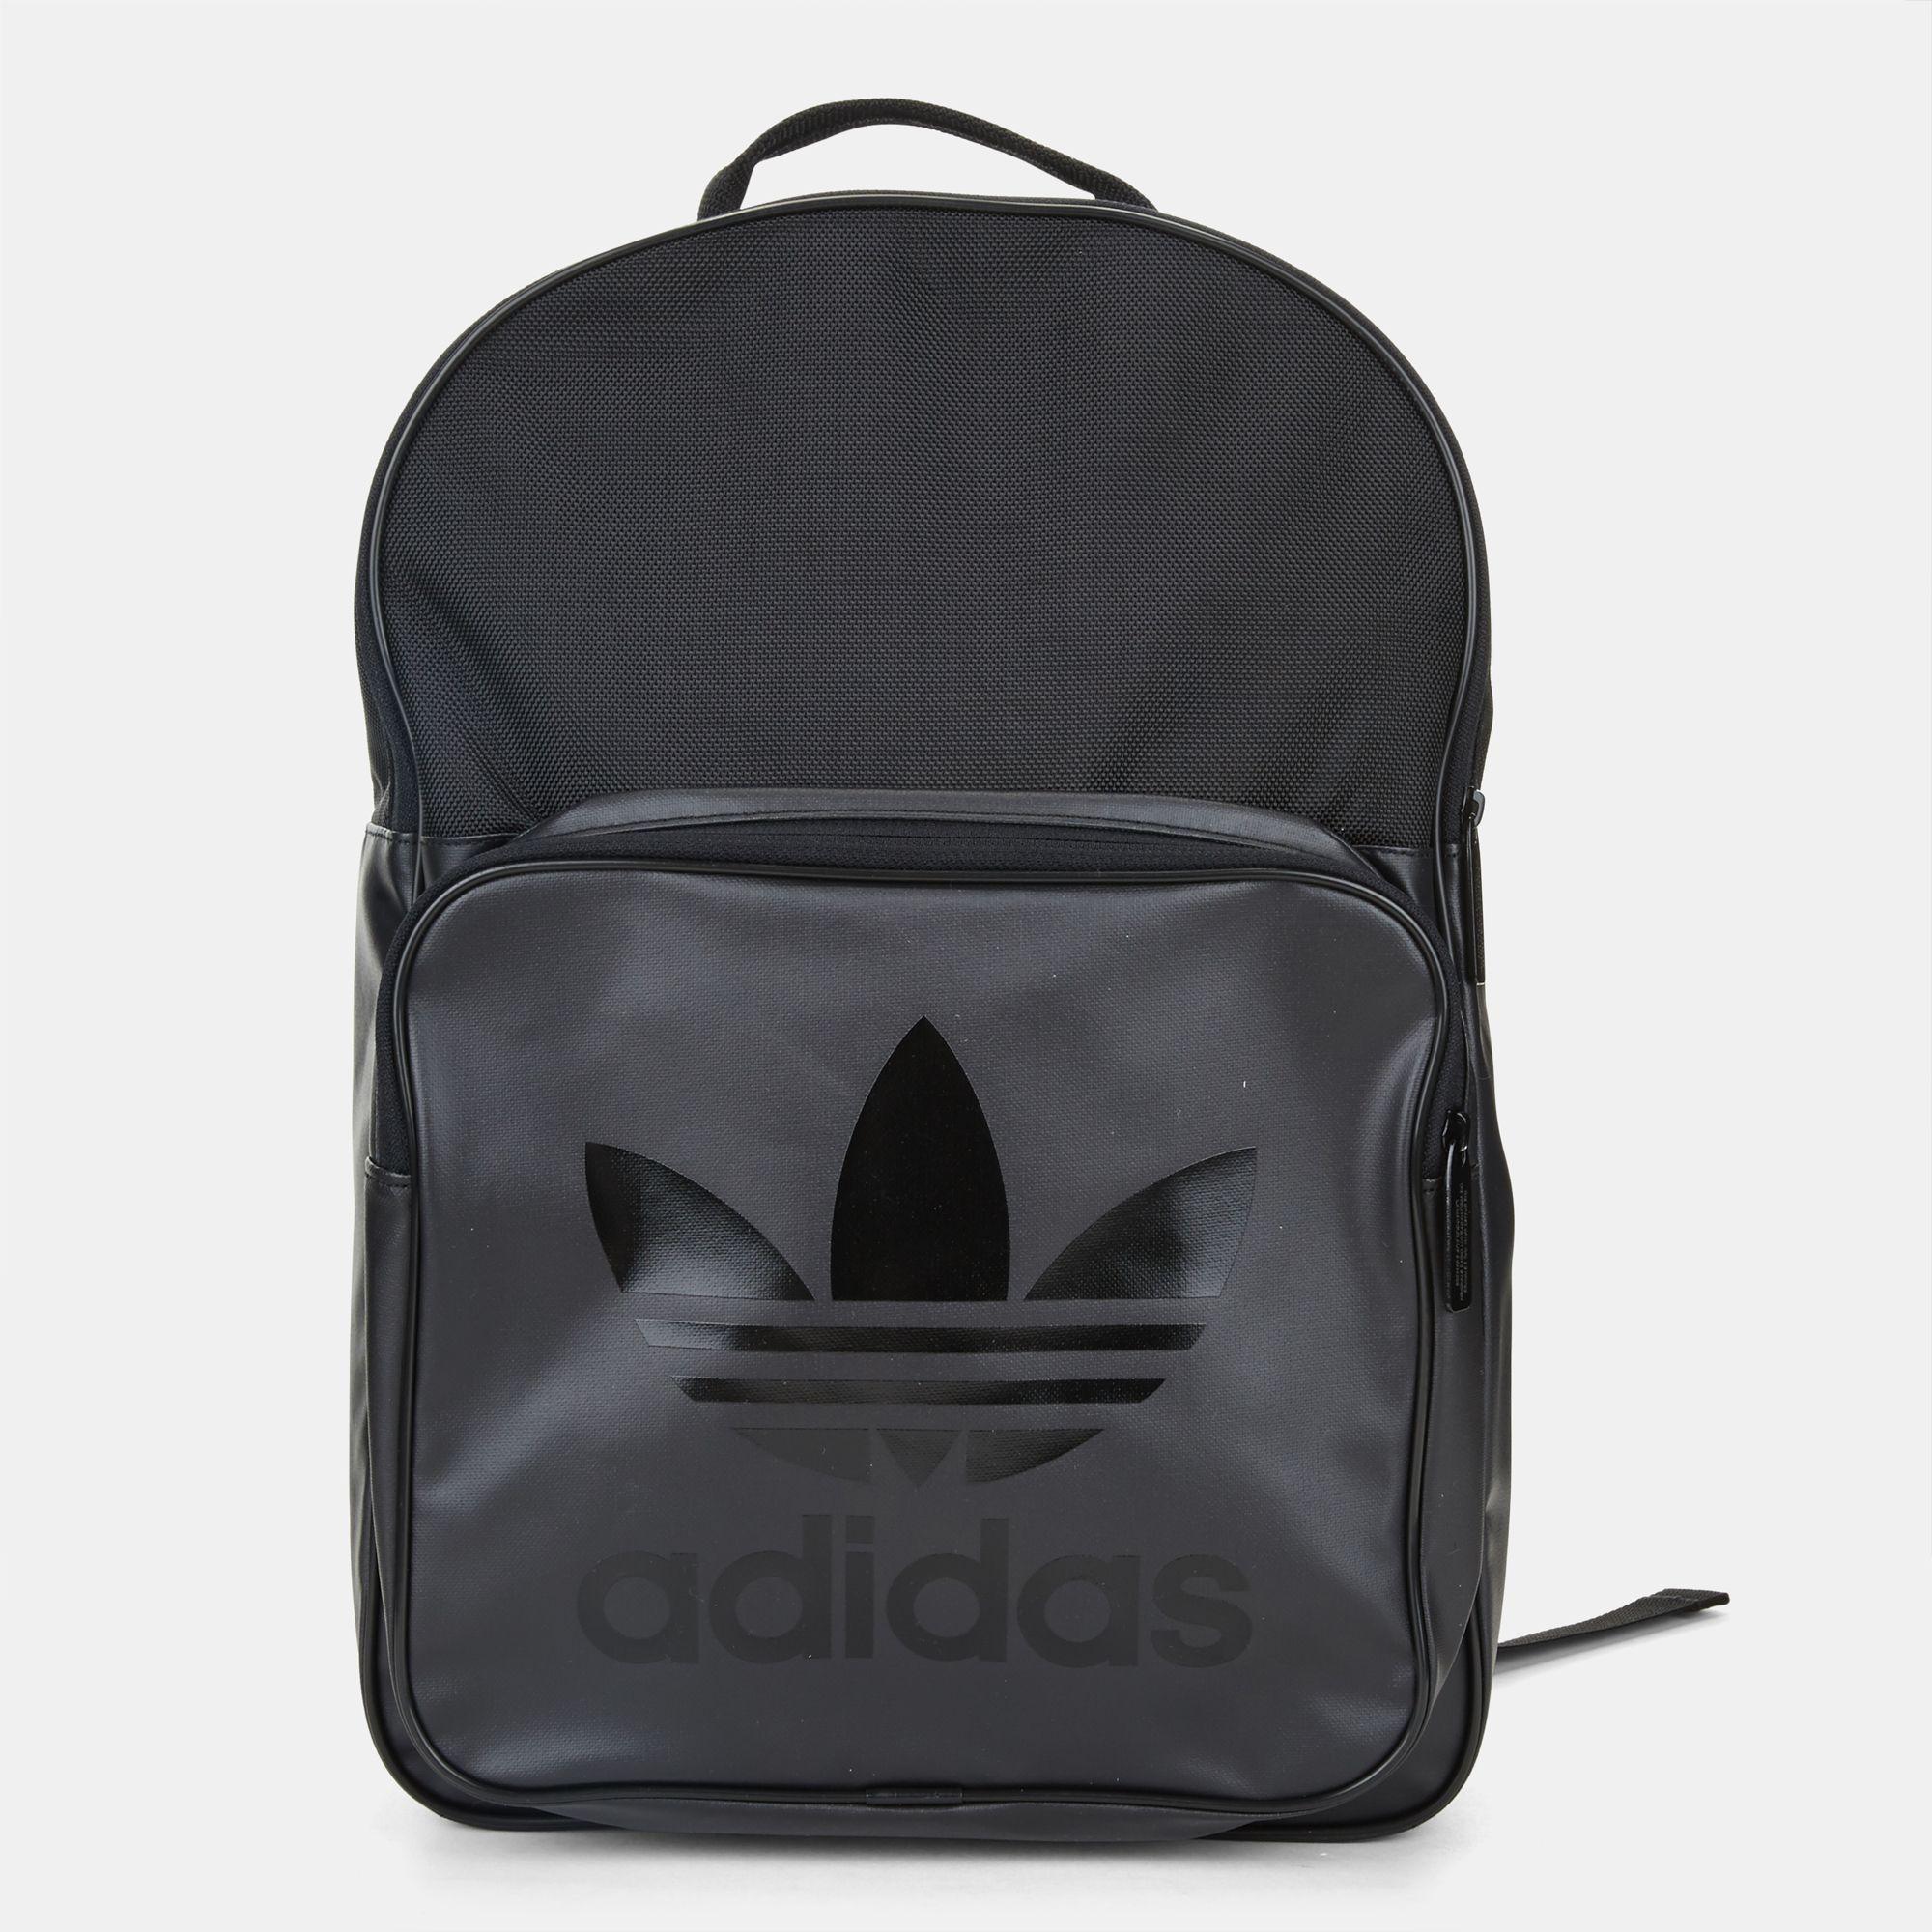 507ff2e90dc Buy adidas originals sport backpack black